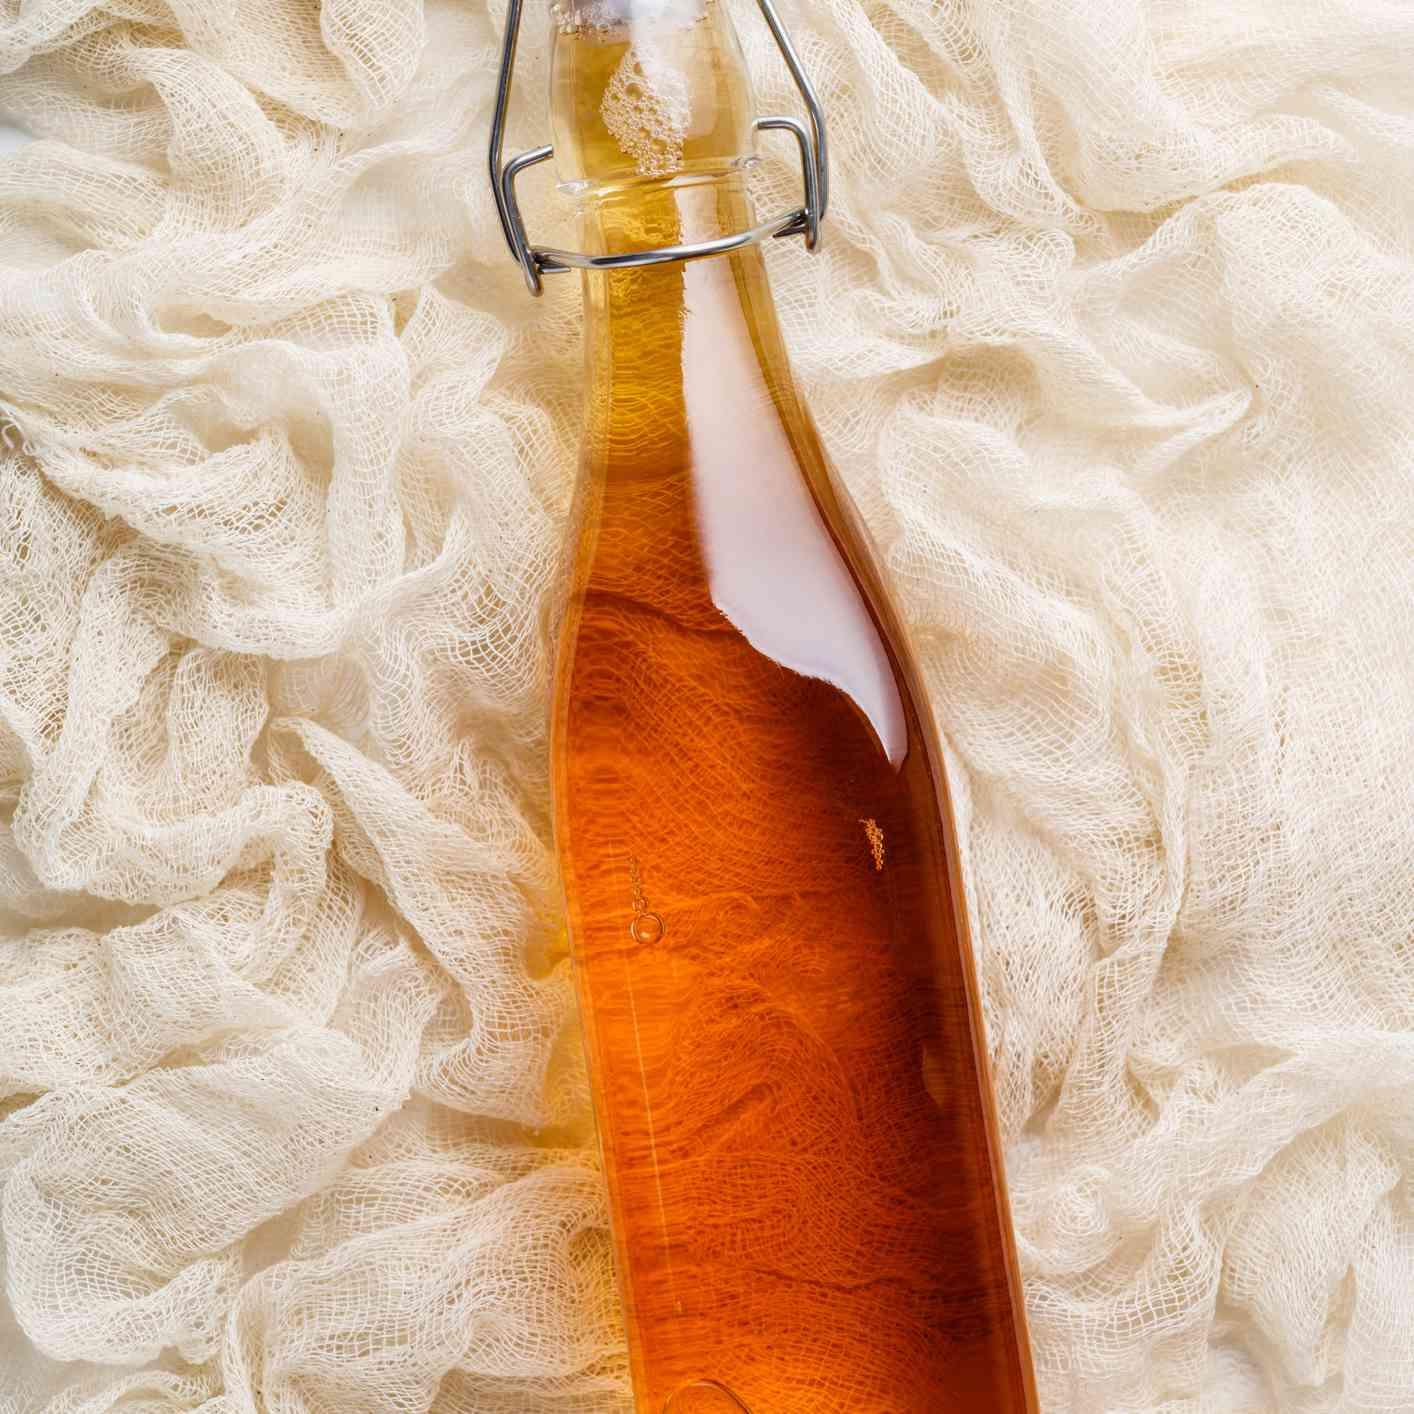 apple cider vinegar on weathered muslin fabric